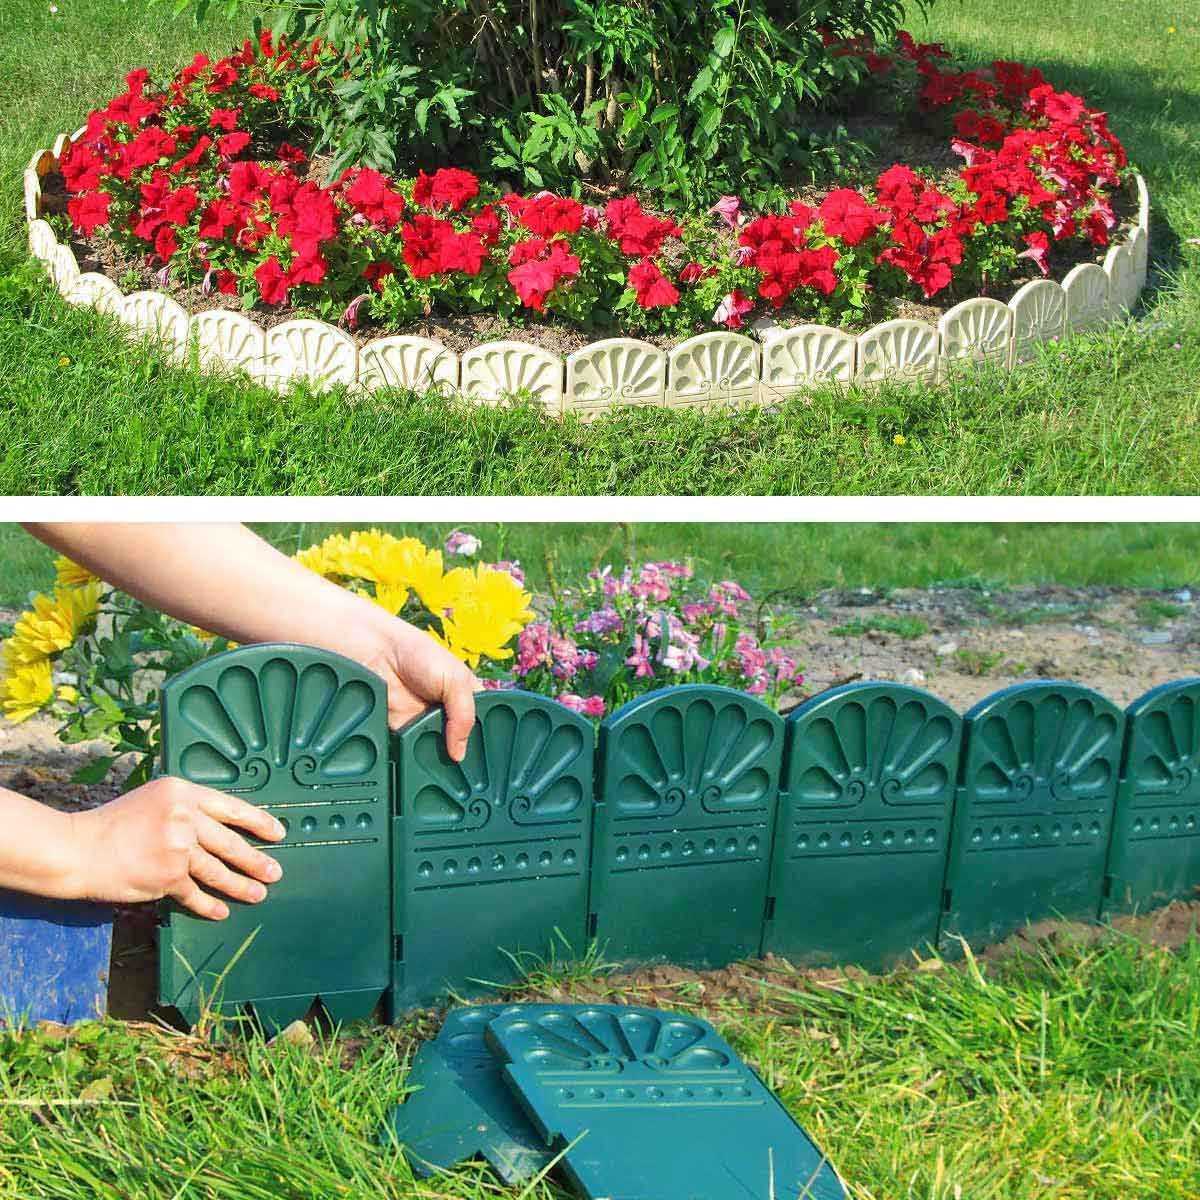 Bordures Décoratives De Jardin En Plastique intérieur Comment Faire Bordure De Jardin